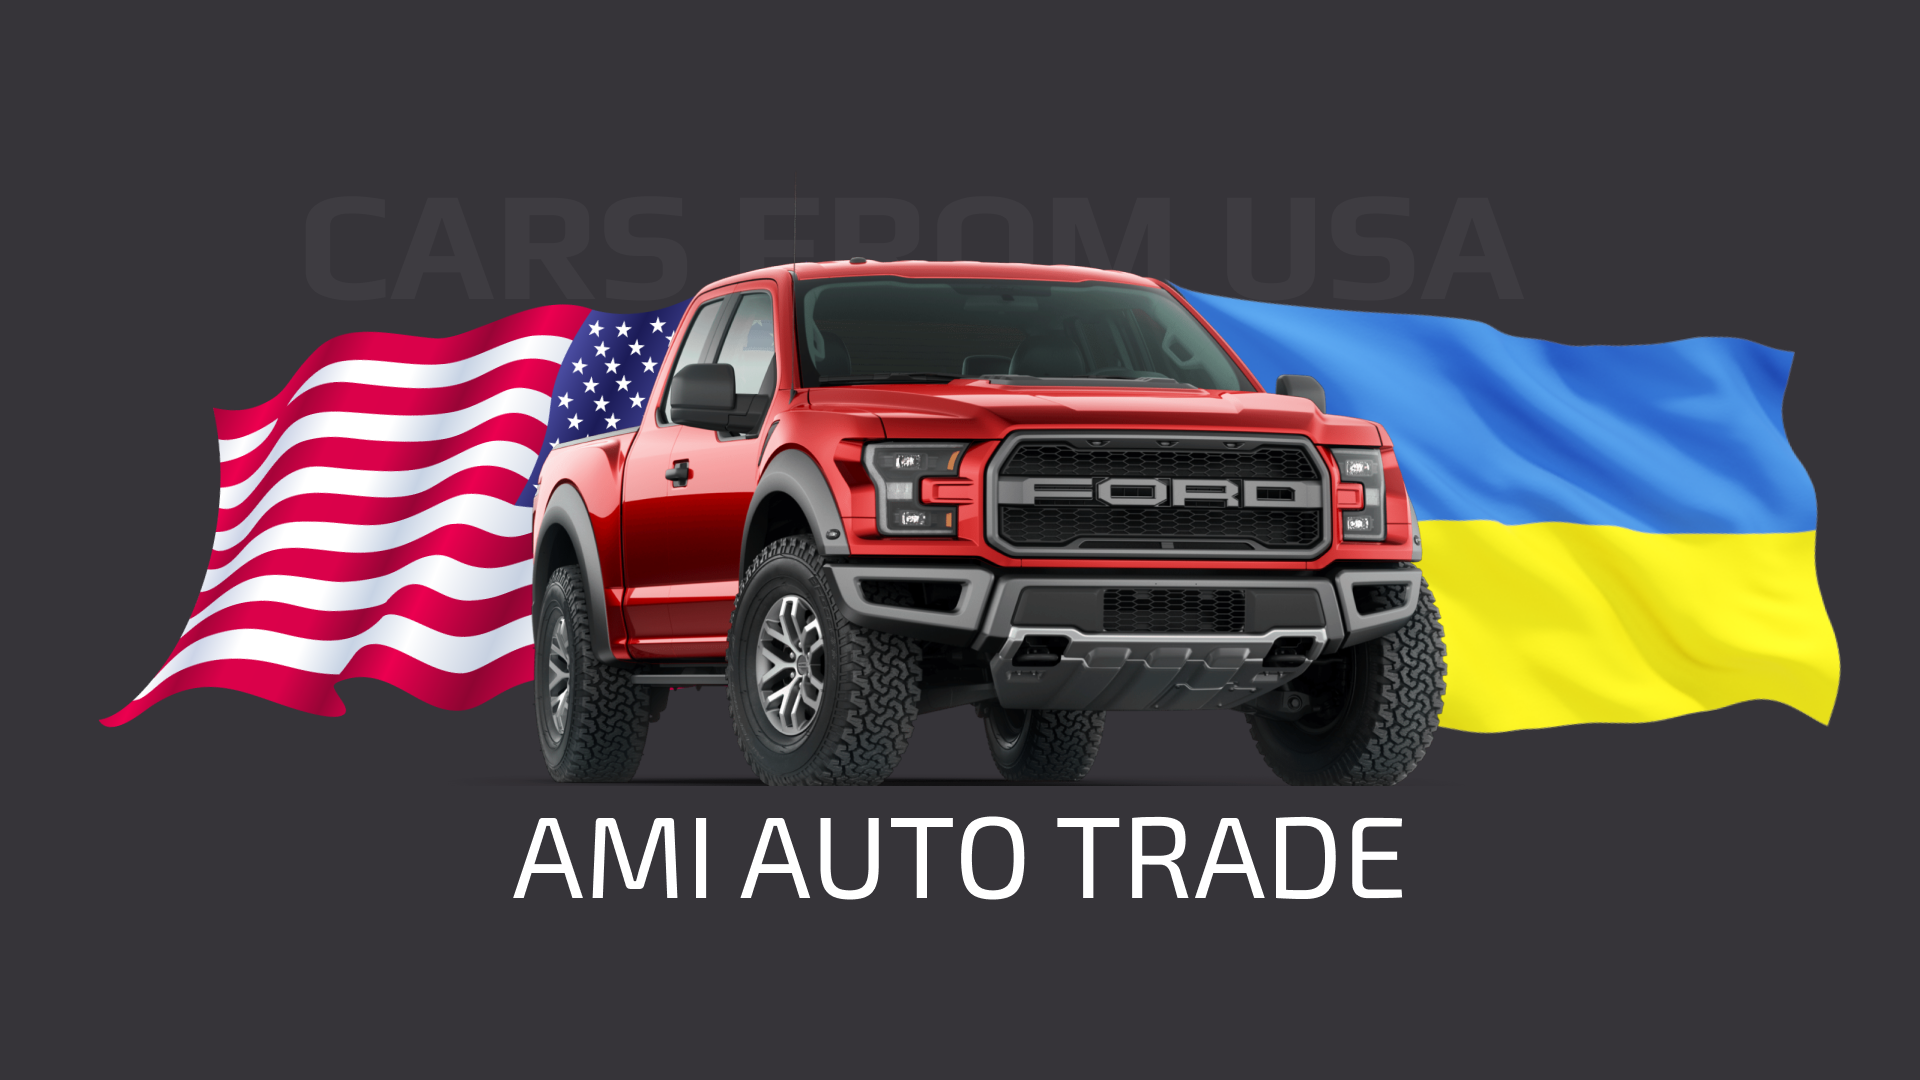 Сайт для компанії Ami Auto Trade з прив'язкою до аукціону Copart